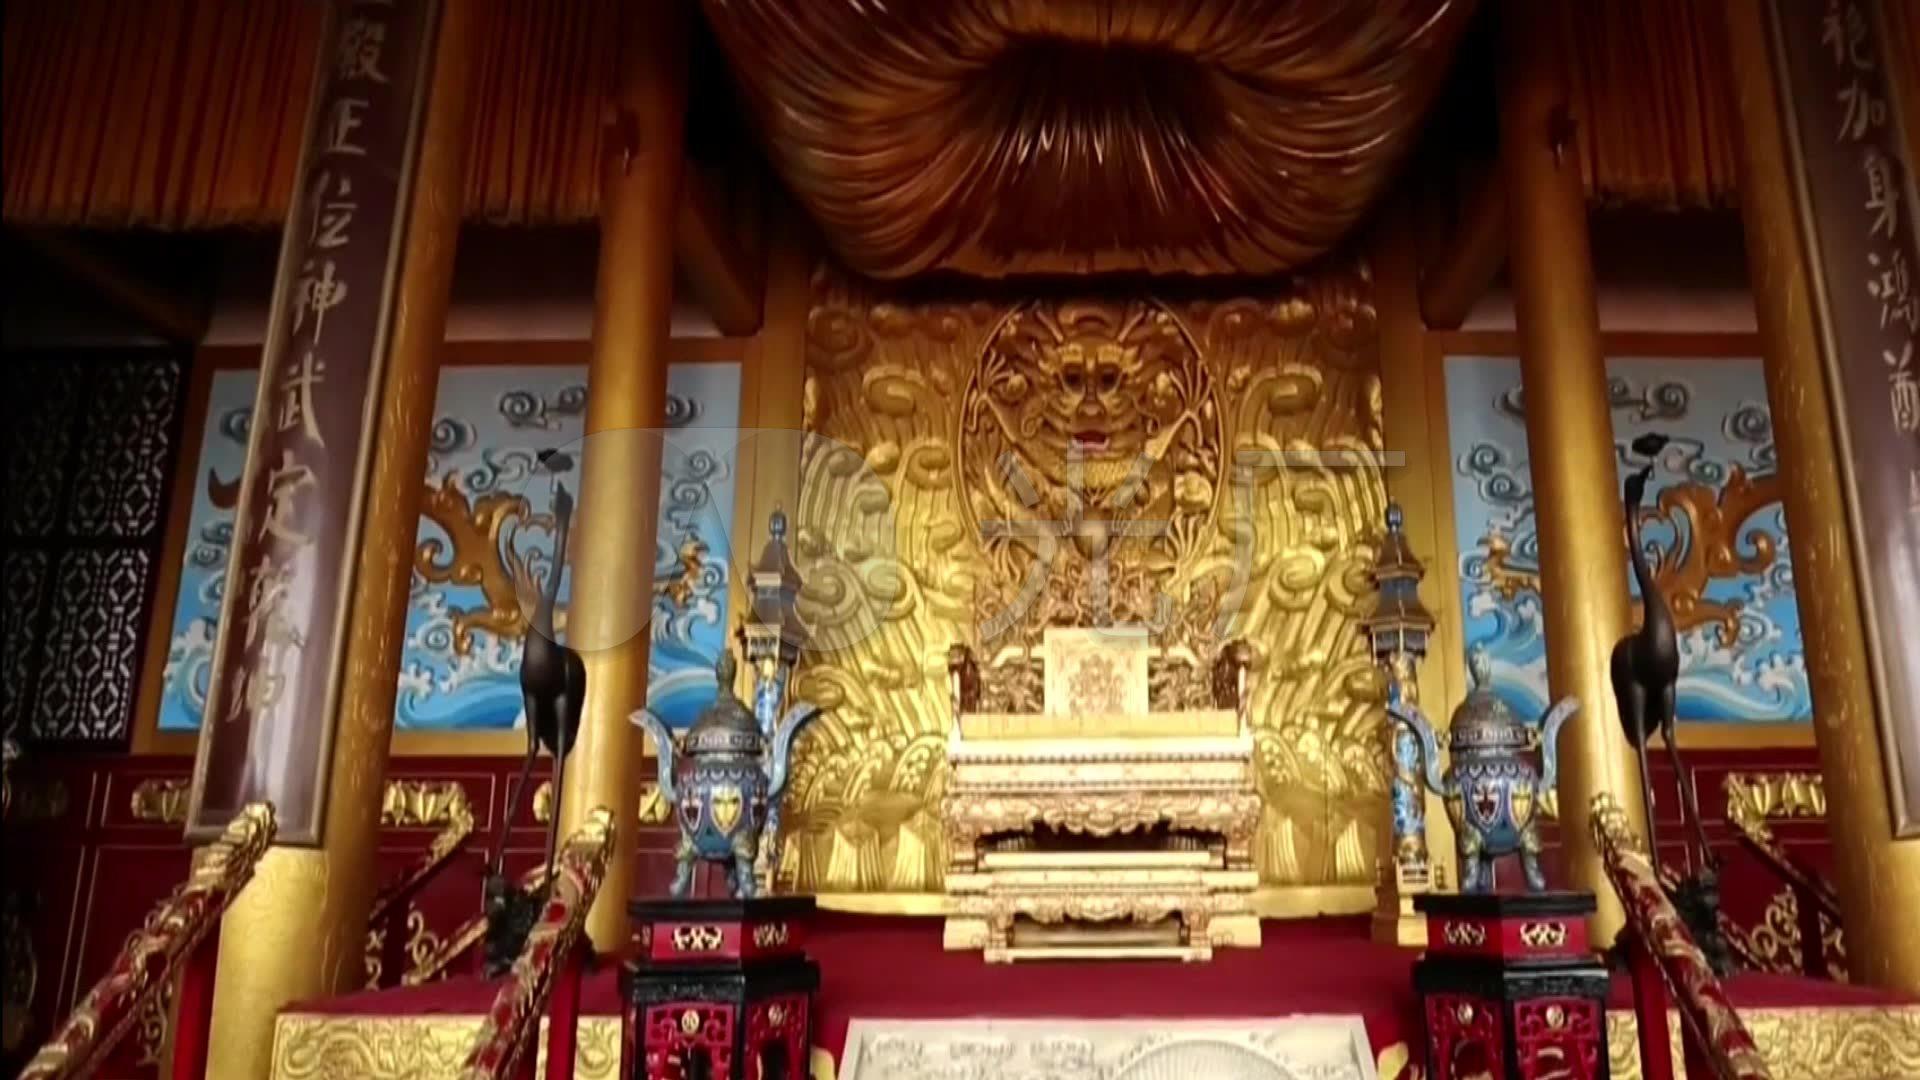 皇上凶猛_宋代殿前官员大臣献图皇帝皇上看图宫殿金碧